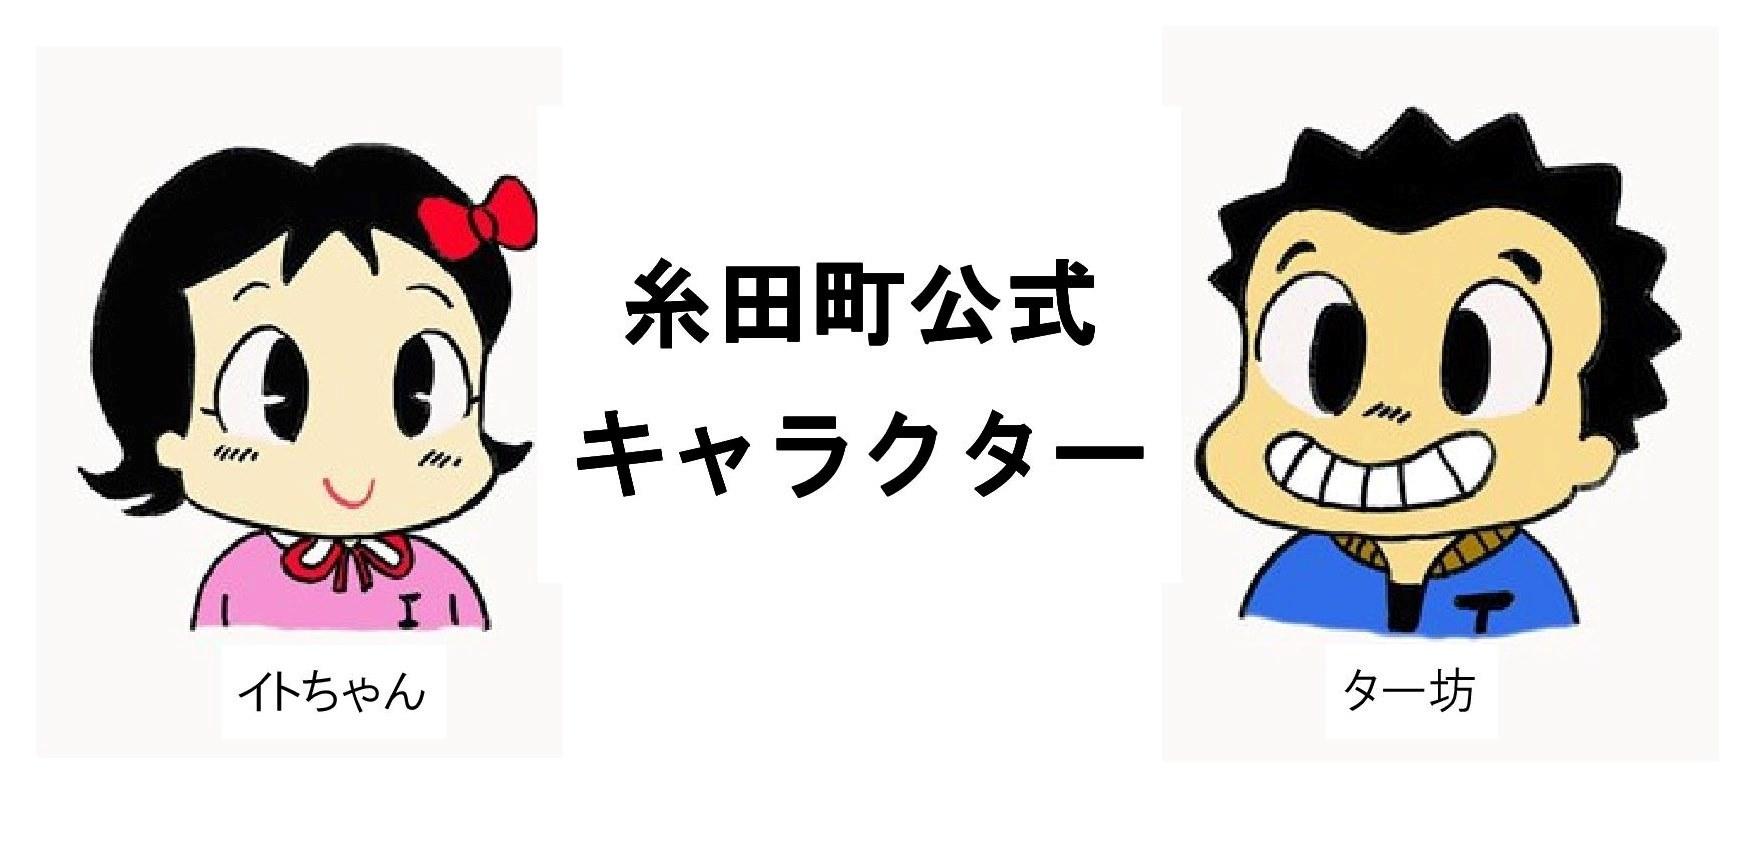 田町 コロナ 糸